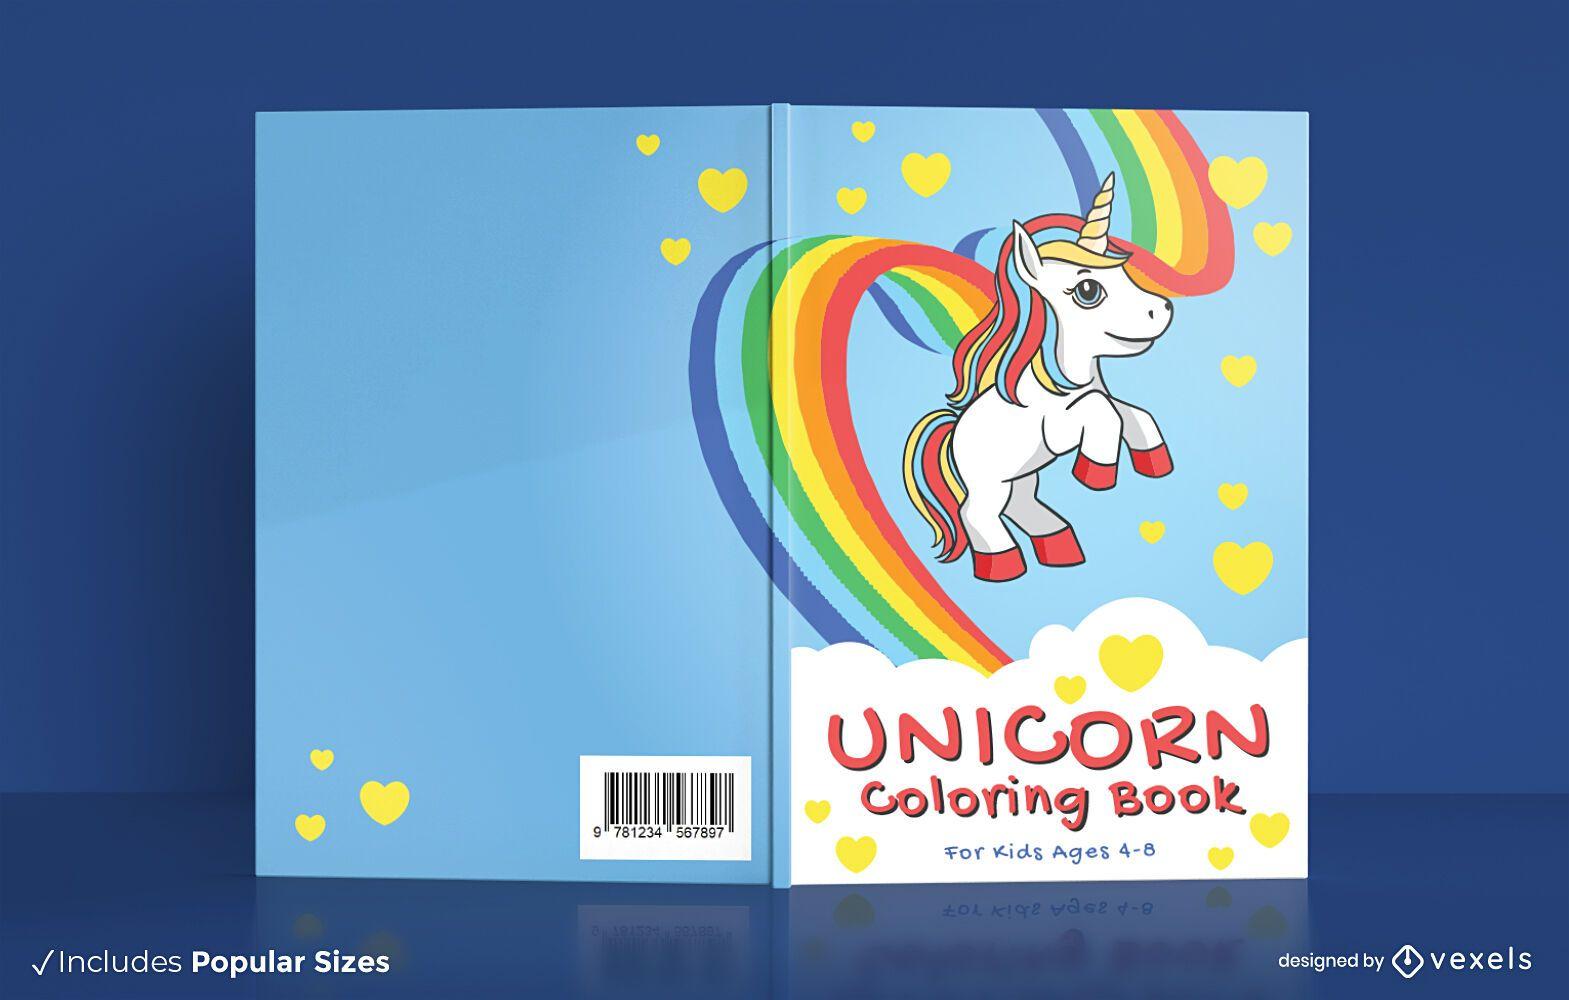 Unicorn coloring book cover design